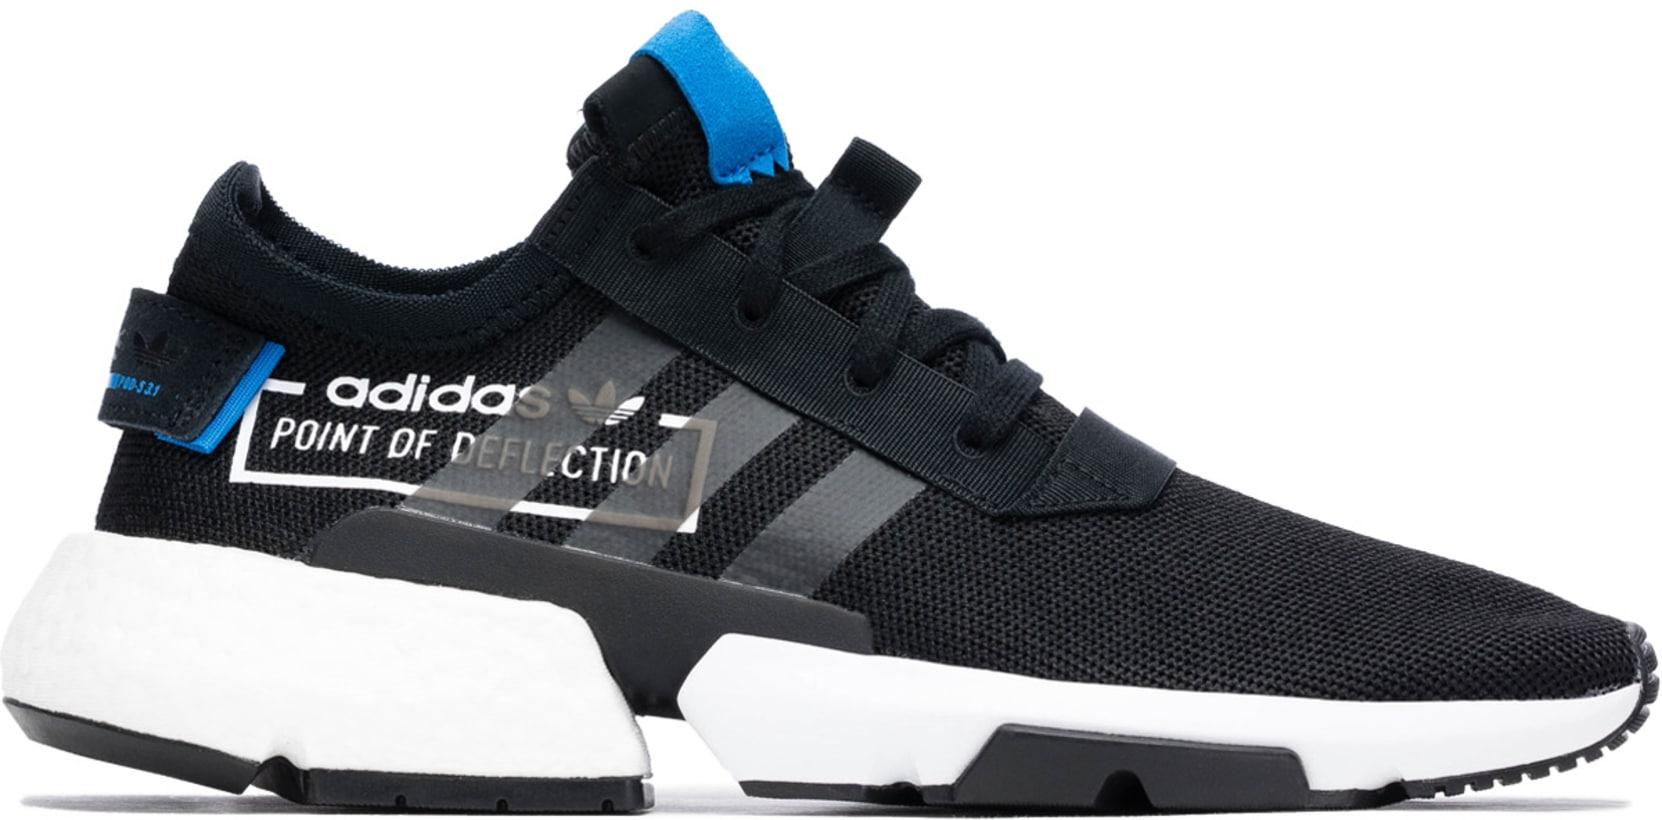 c886c36bd4555 adidas Originals - Pod-S3.1 - Core Black/Core Black/Bluebird